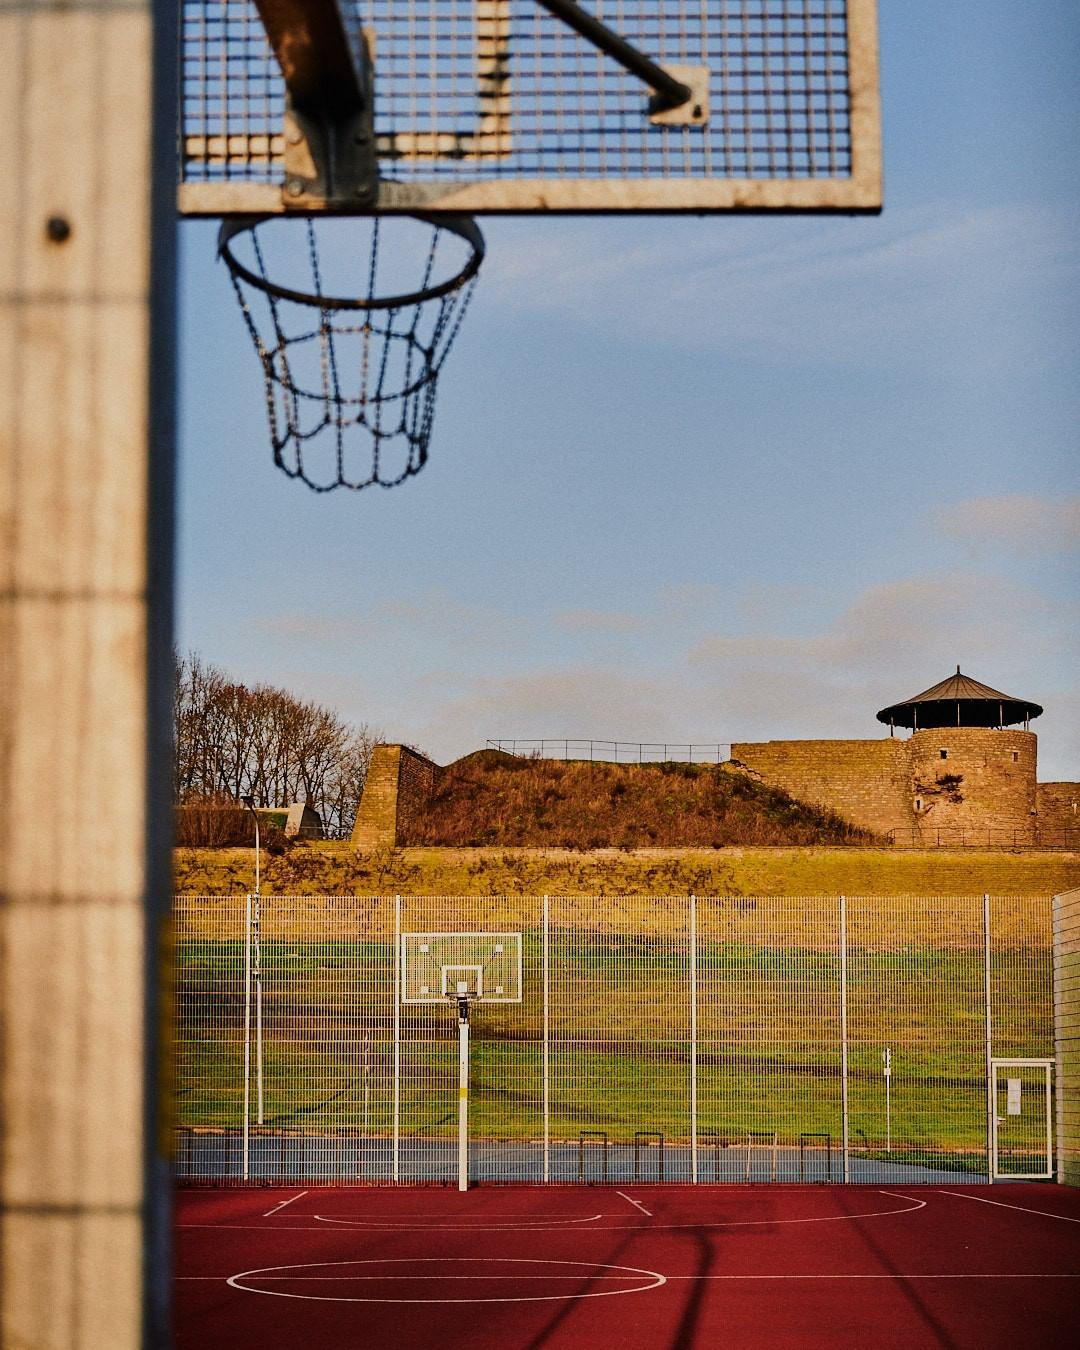 WOLEJKO-WOLEJSZO Personal, Project, Basketball, Aerial, Drone, Hoop, Hoop Paper